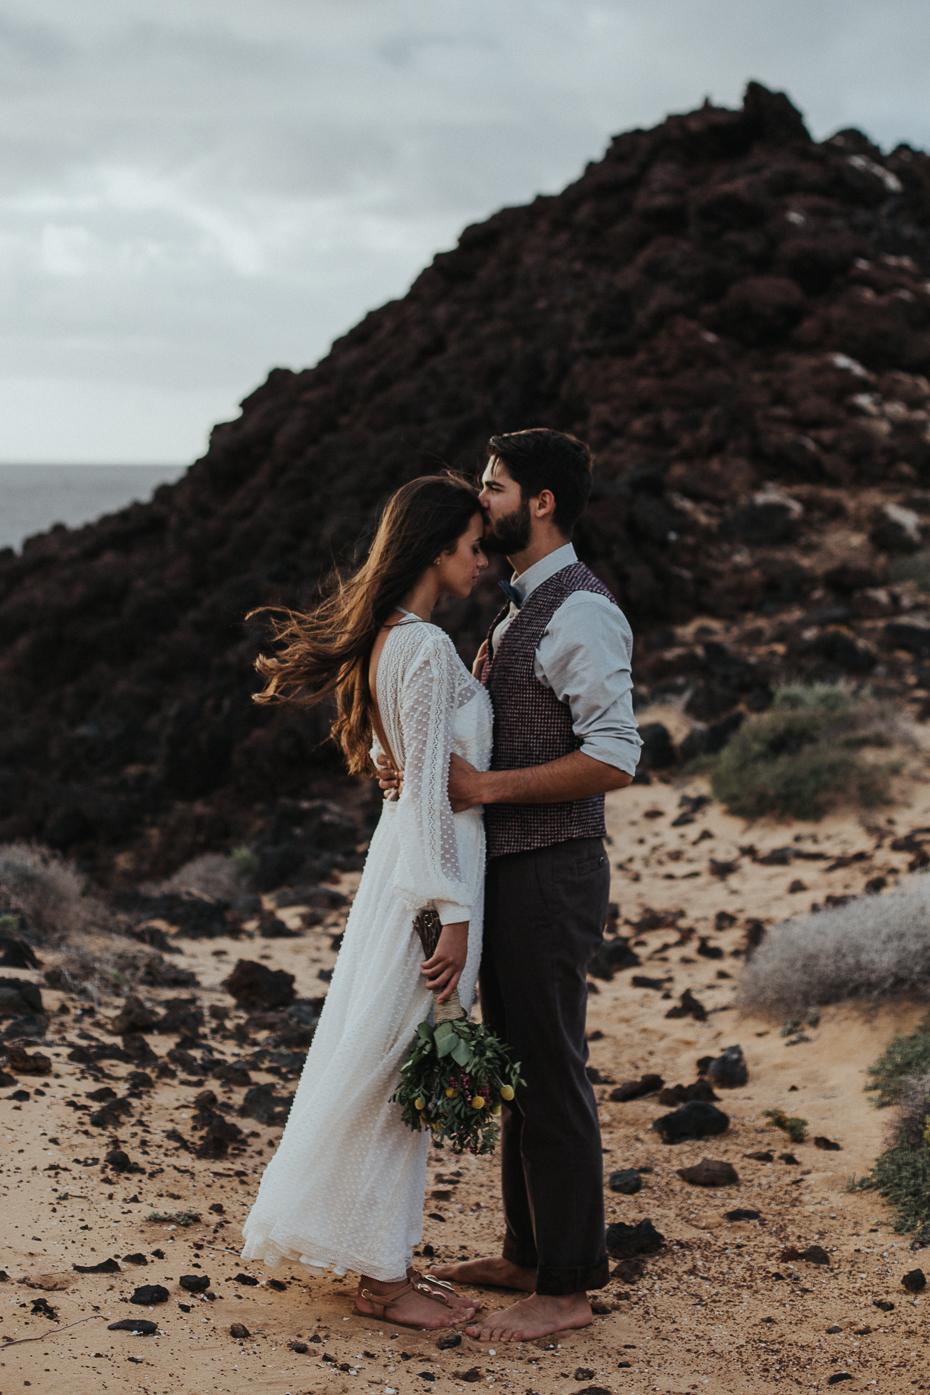 hochzeitsfotograf-wedding-workshop-lagraciosa-94